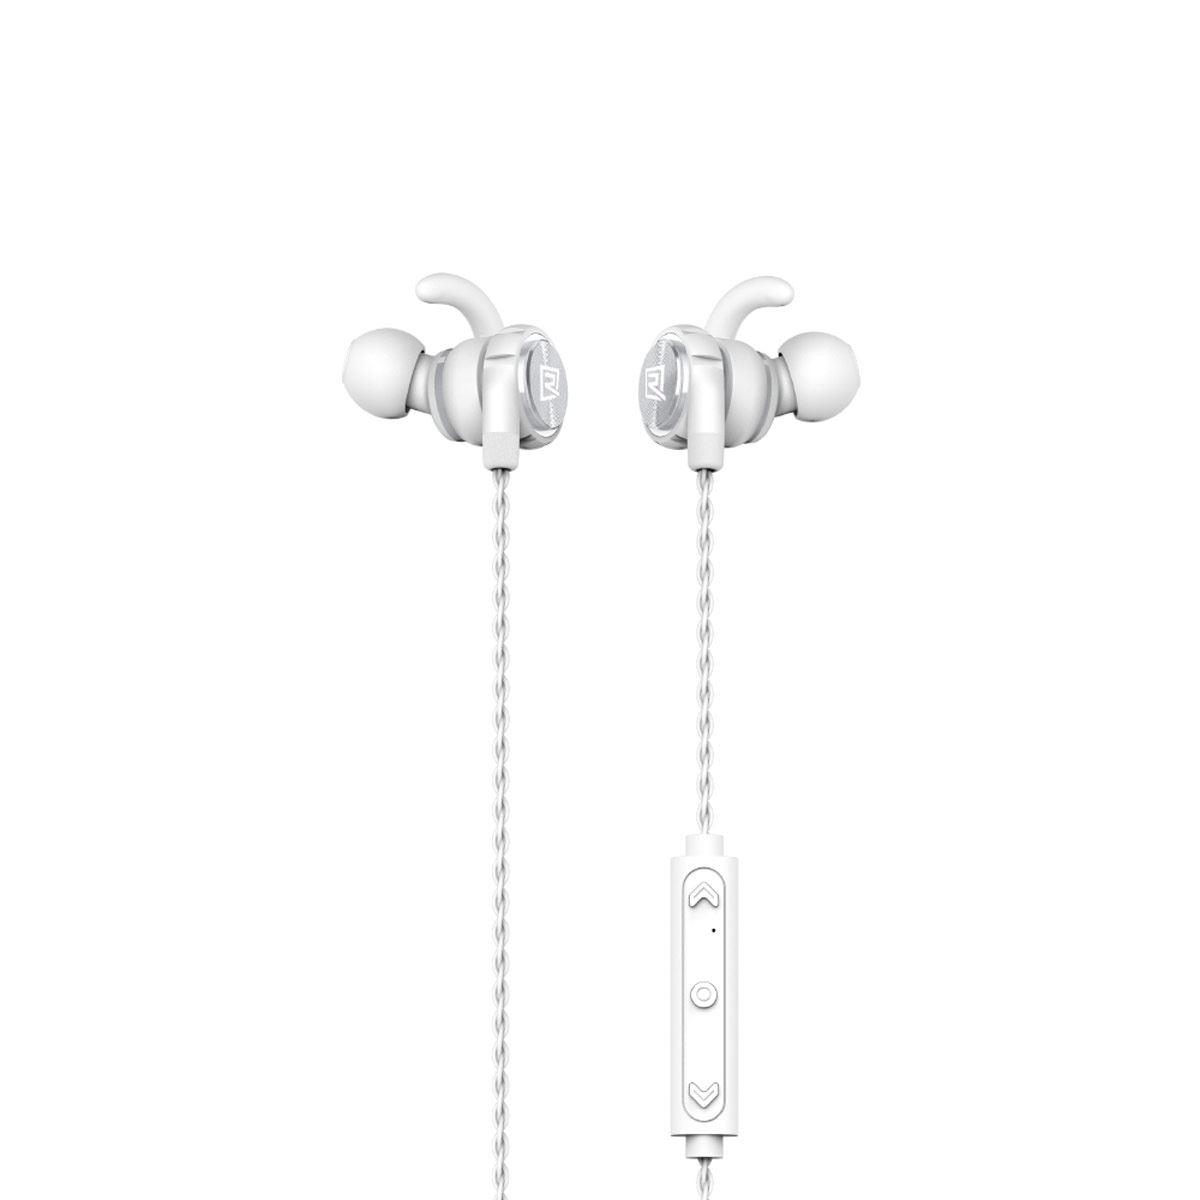 Audífono inalámbrico REMAX rb-s10 plata